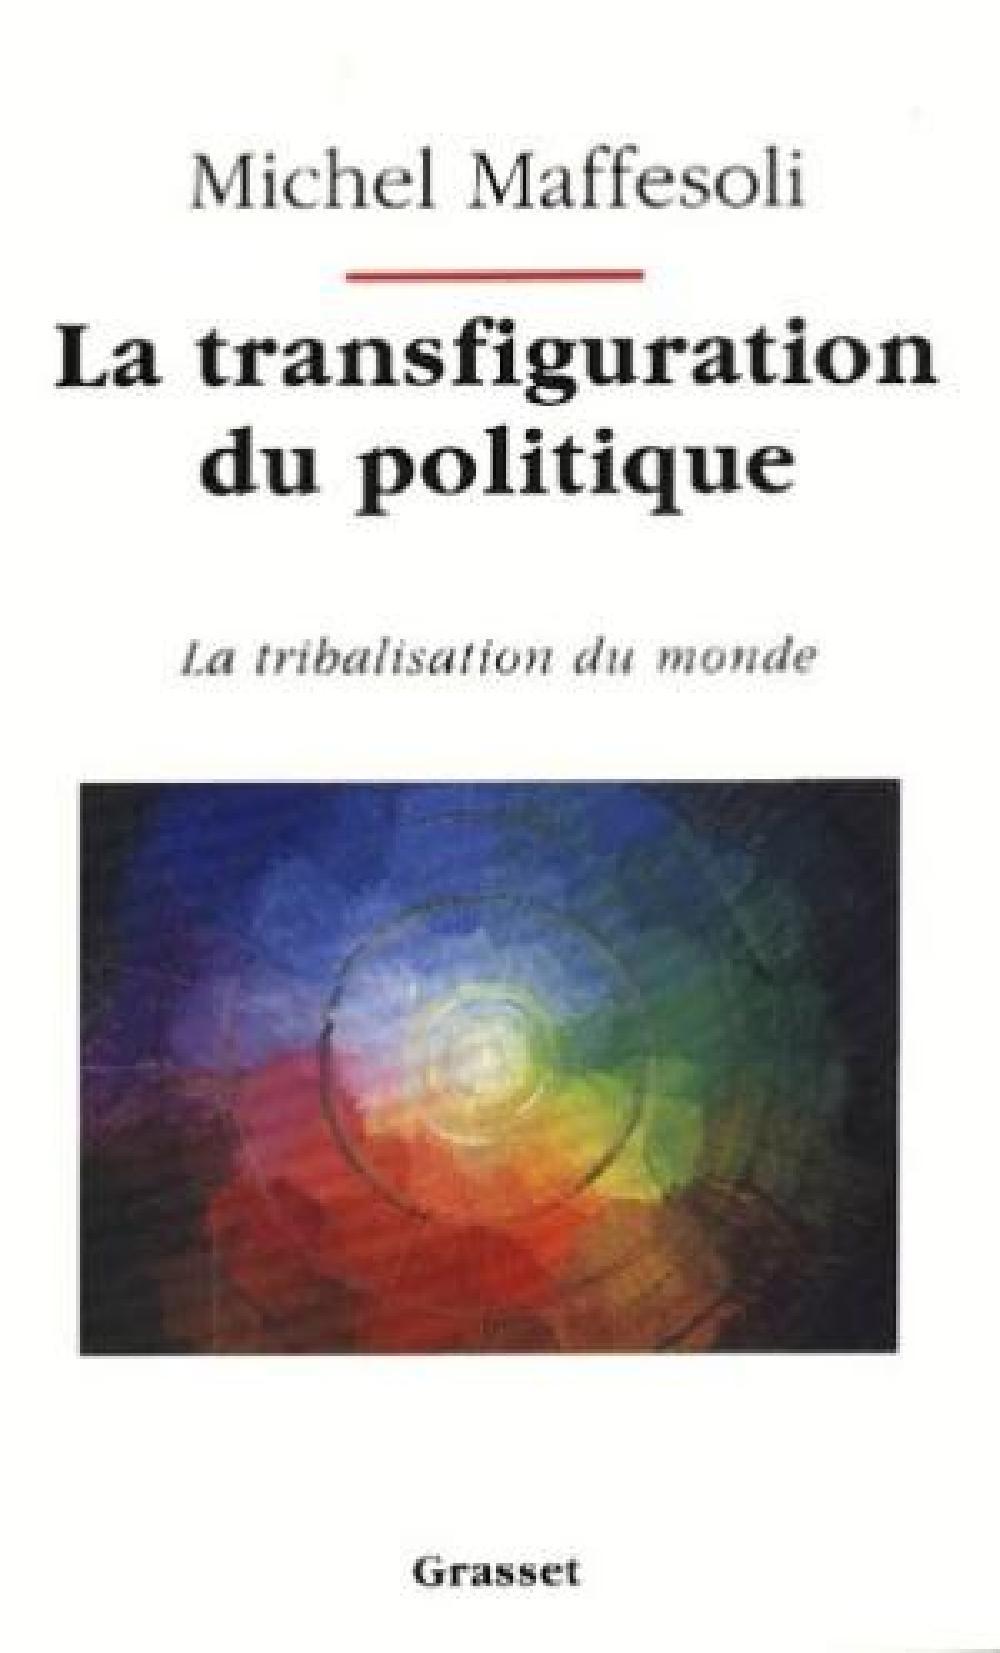 La transfiguration du politique